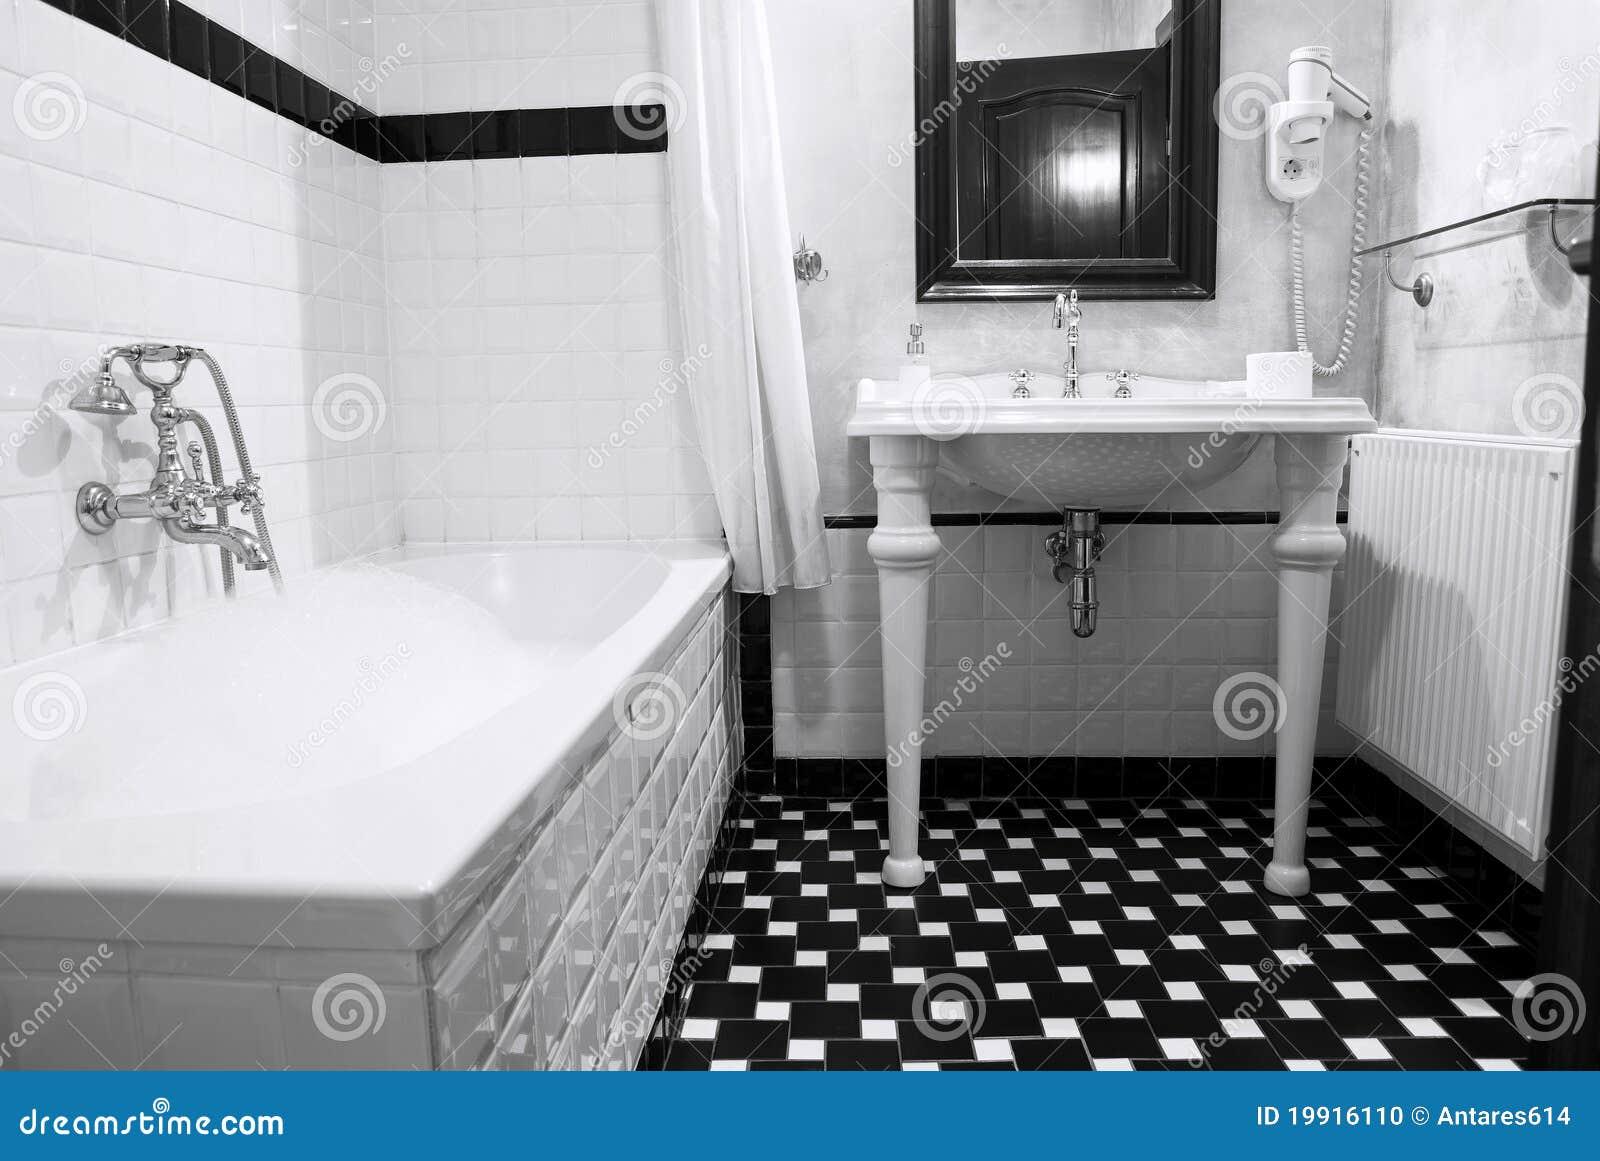 Stanza Da Bagno Fotografia Stock - Immagine: 19916110